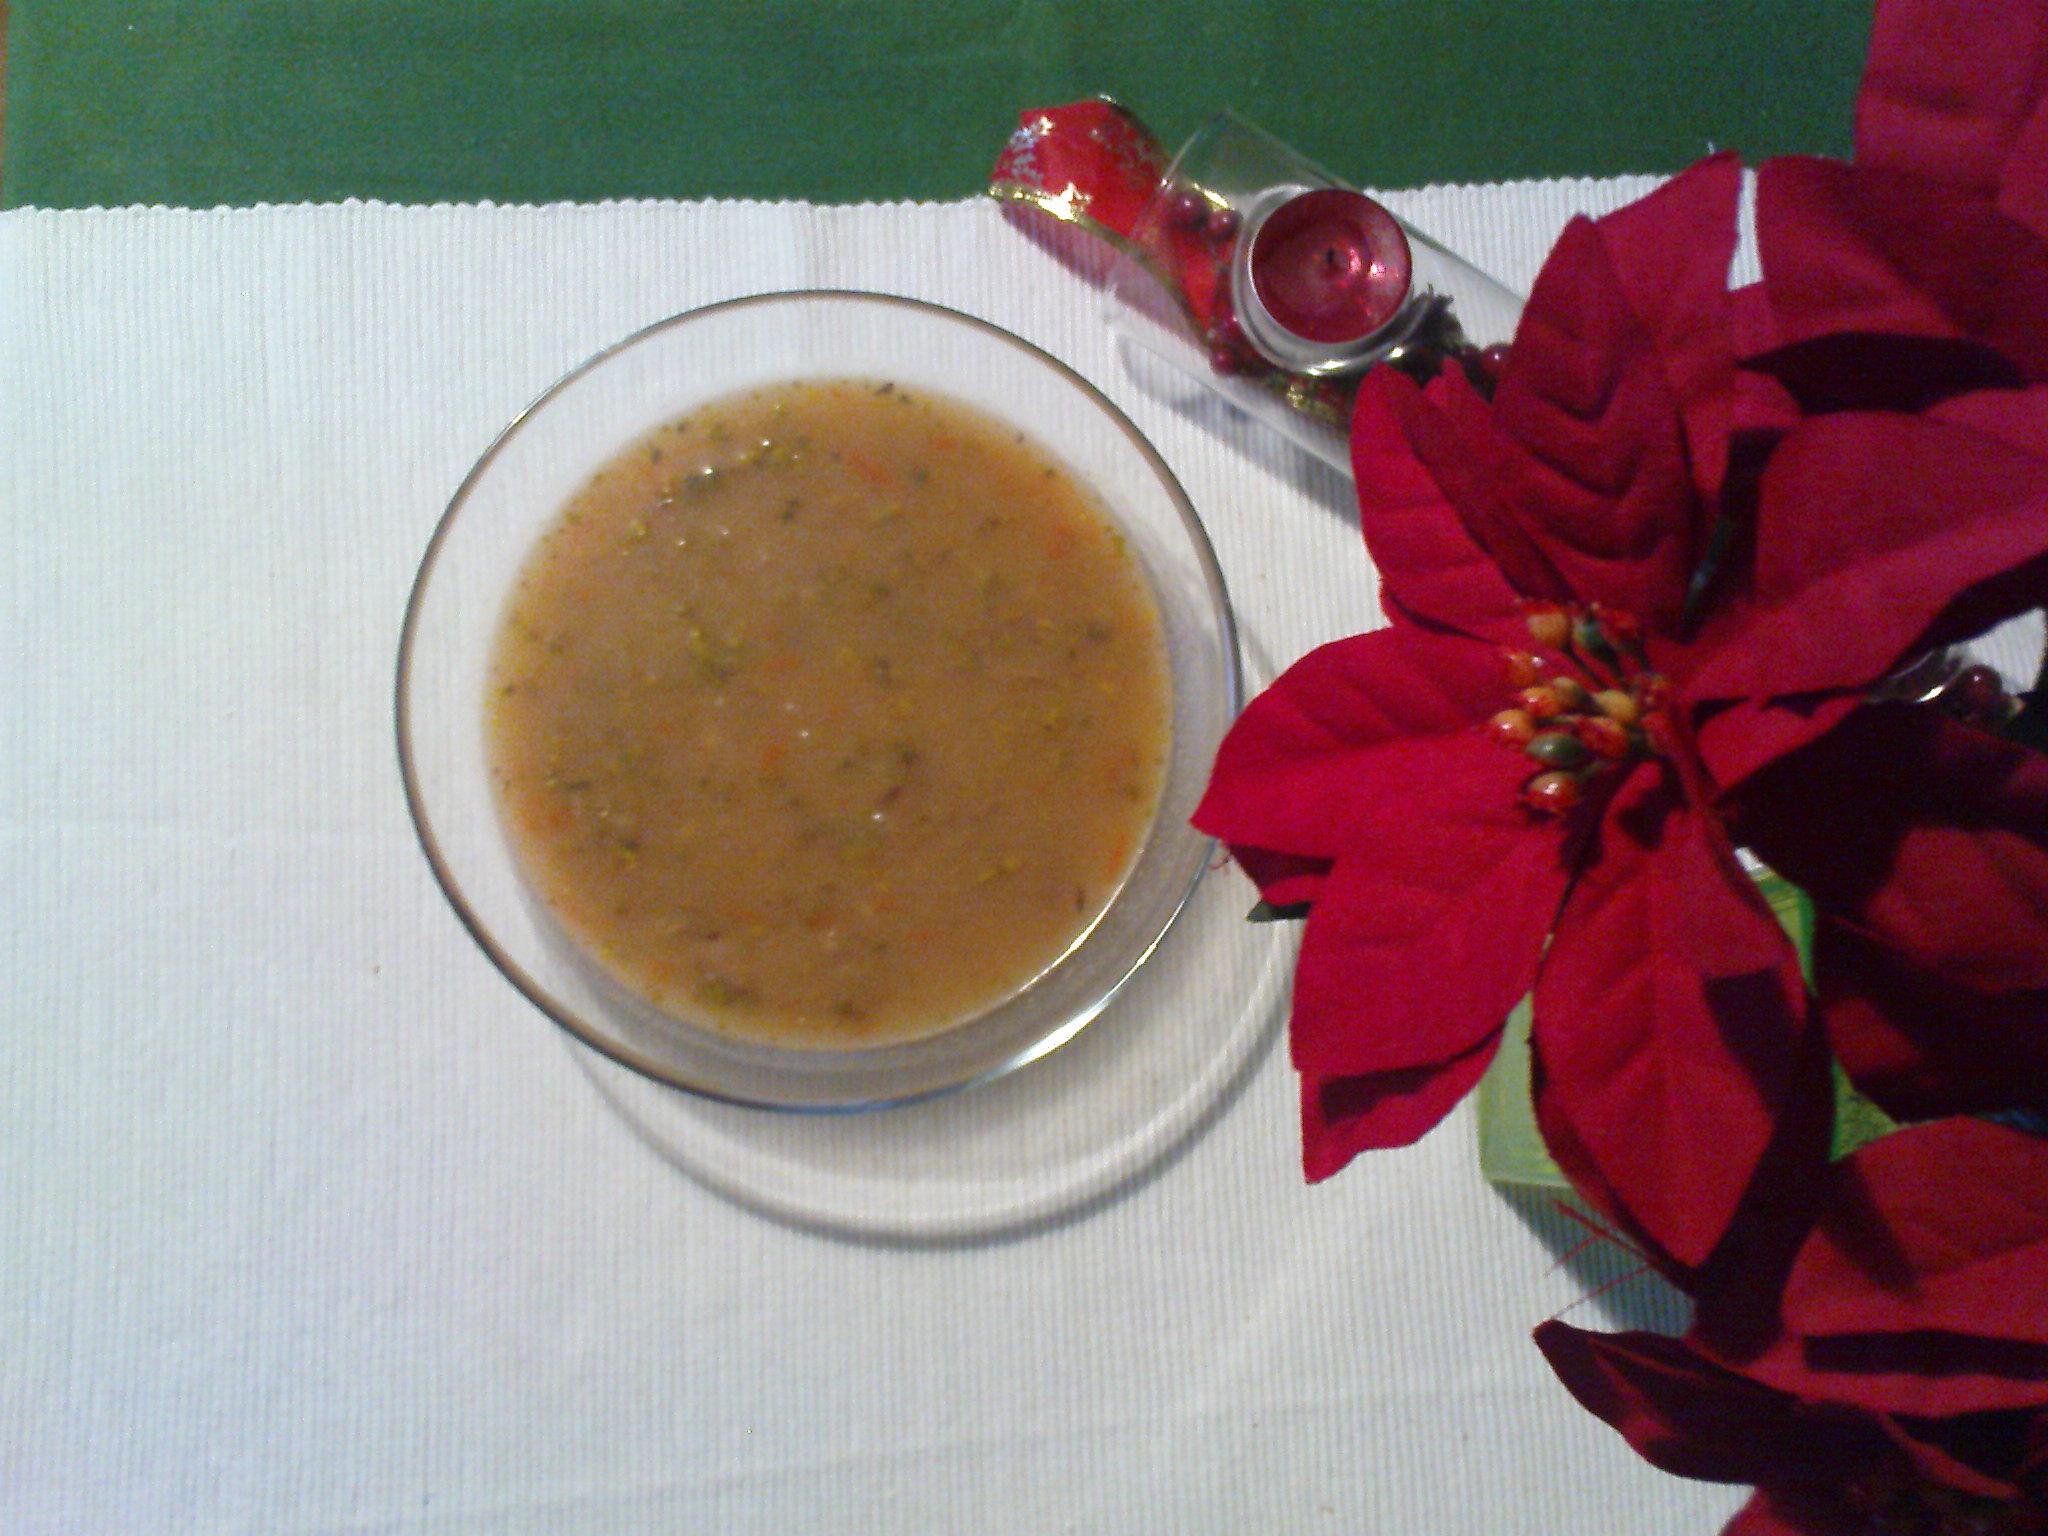 Recept Čočková polévka narychlo - Dobrou chuť - polévka je opravdu úžasná.